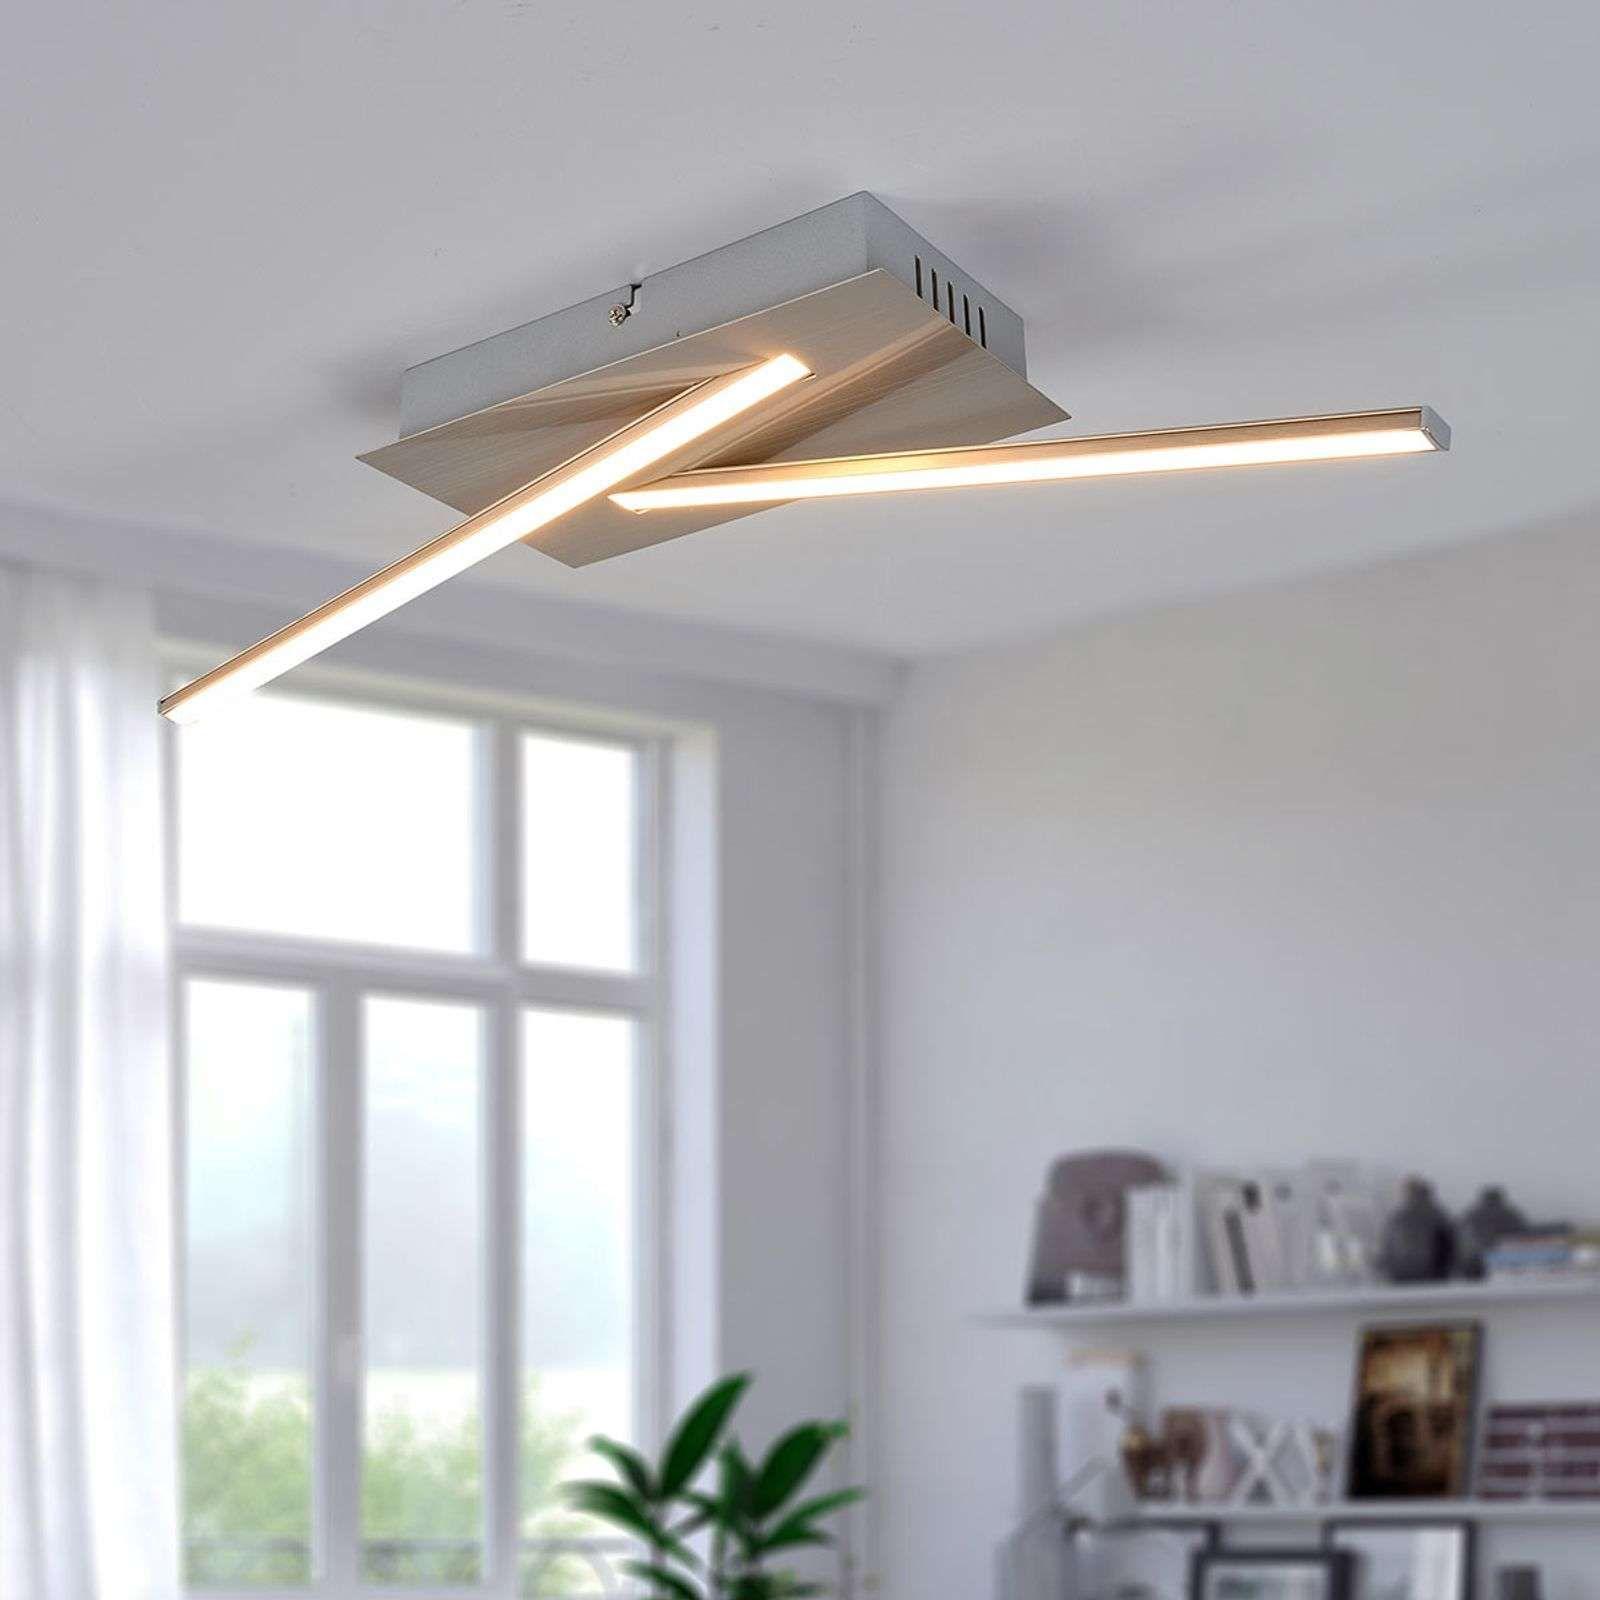 deckenlampe halogen | deckenbeleuchtung wohnzimmer selber